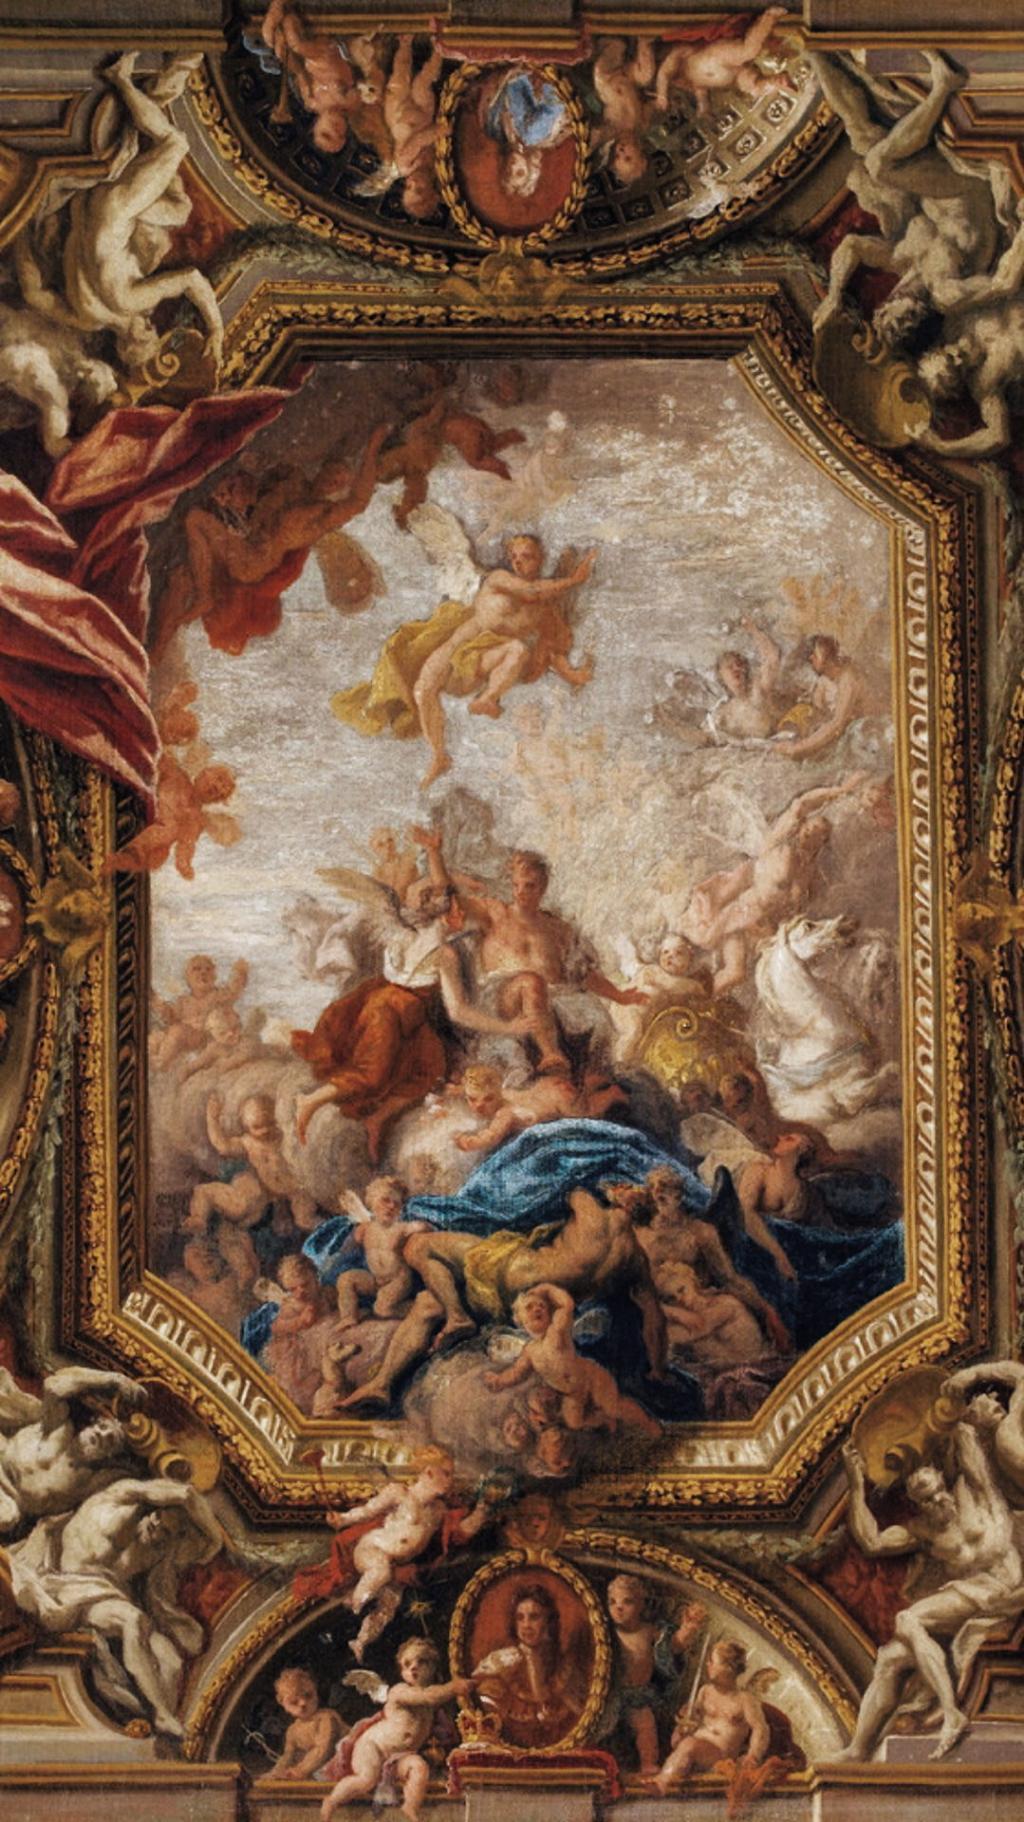 Zimmerdecke Bemalen Renaissanceart Zimmerdecke Bemalen Renaissanceart Zimmerdecke Bemalen Renaissanceart Painting Wallpaper Renaissance Art Classic Art